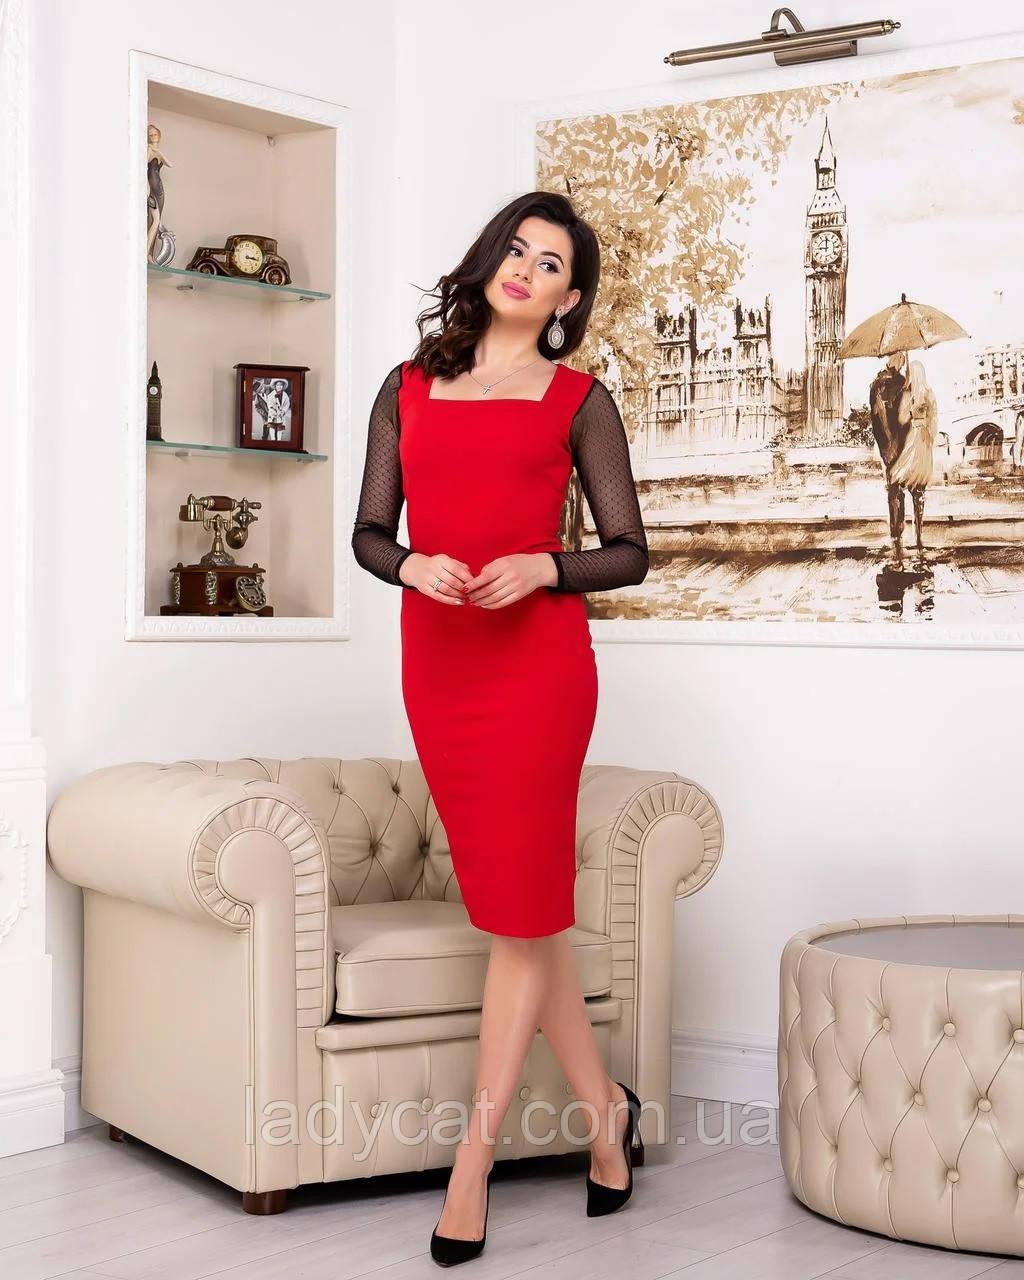 Элегантное красное платье футляр с  длинными рукавами  из полупрозрачной сеточкой